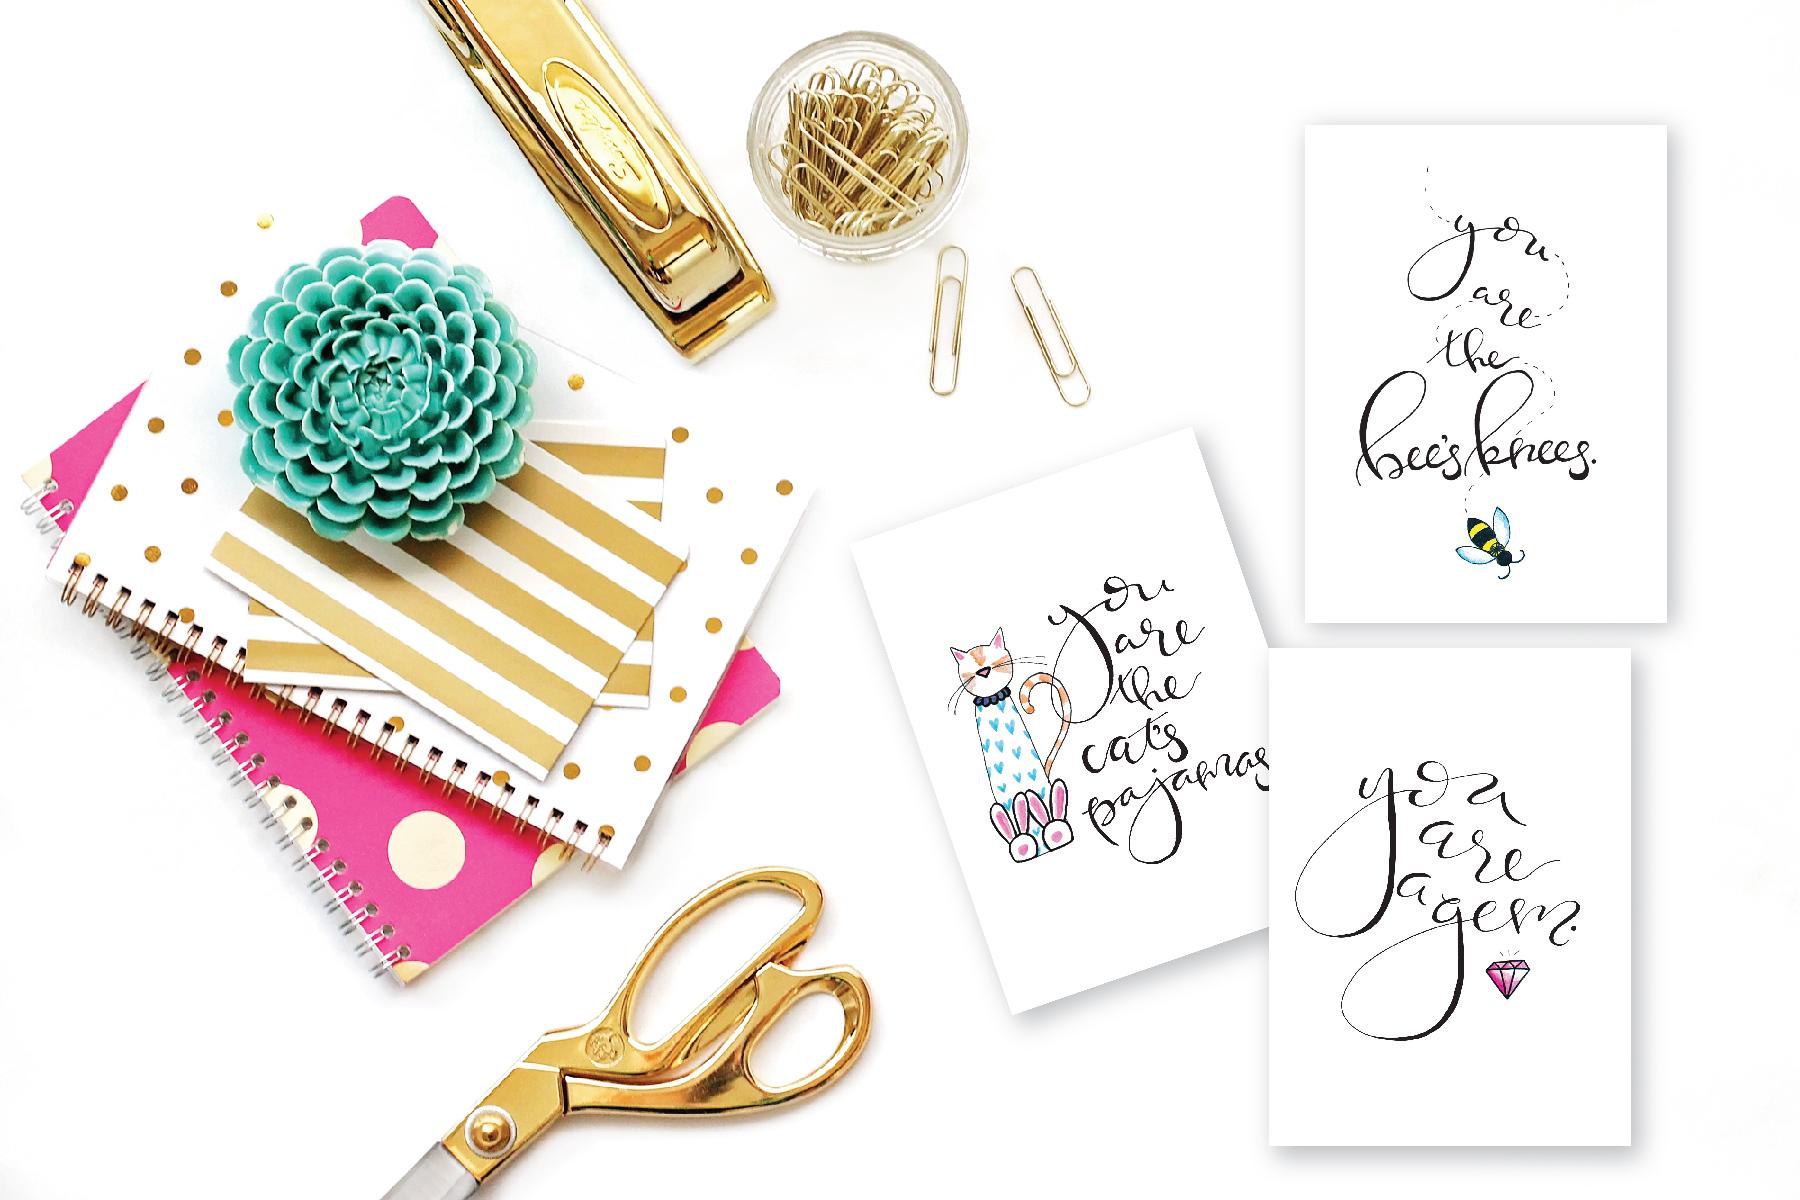 notecards for charity handlettered.jpg